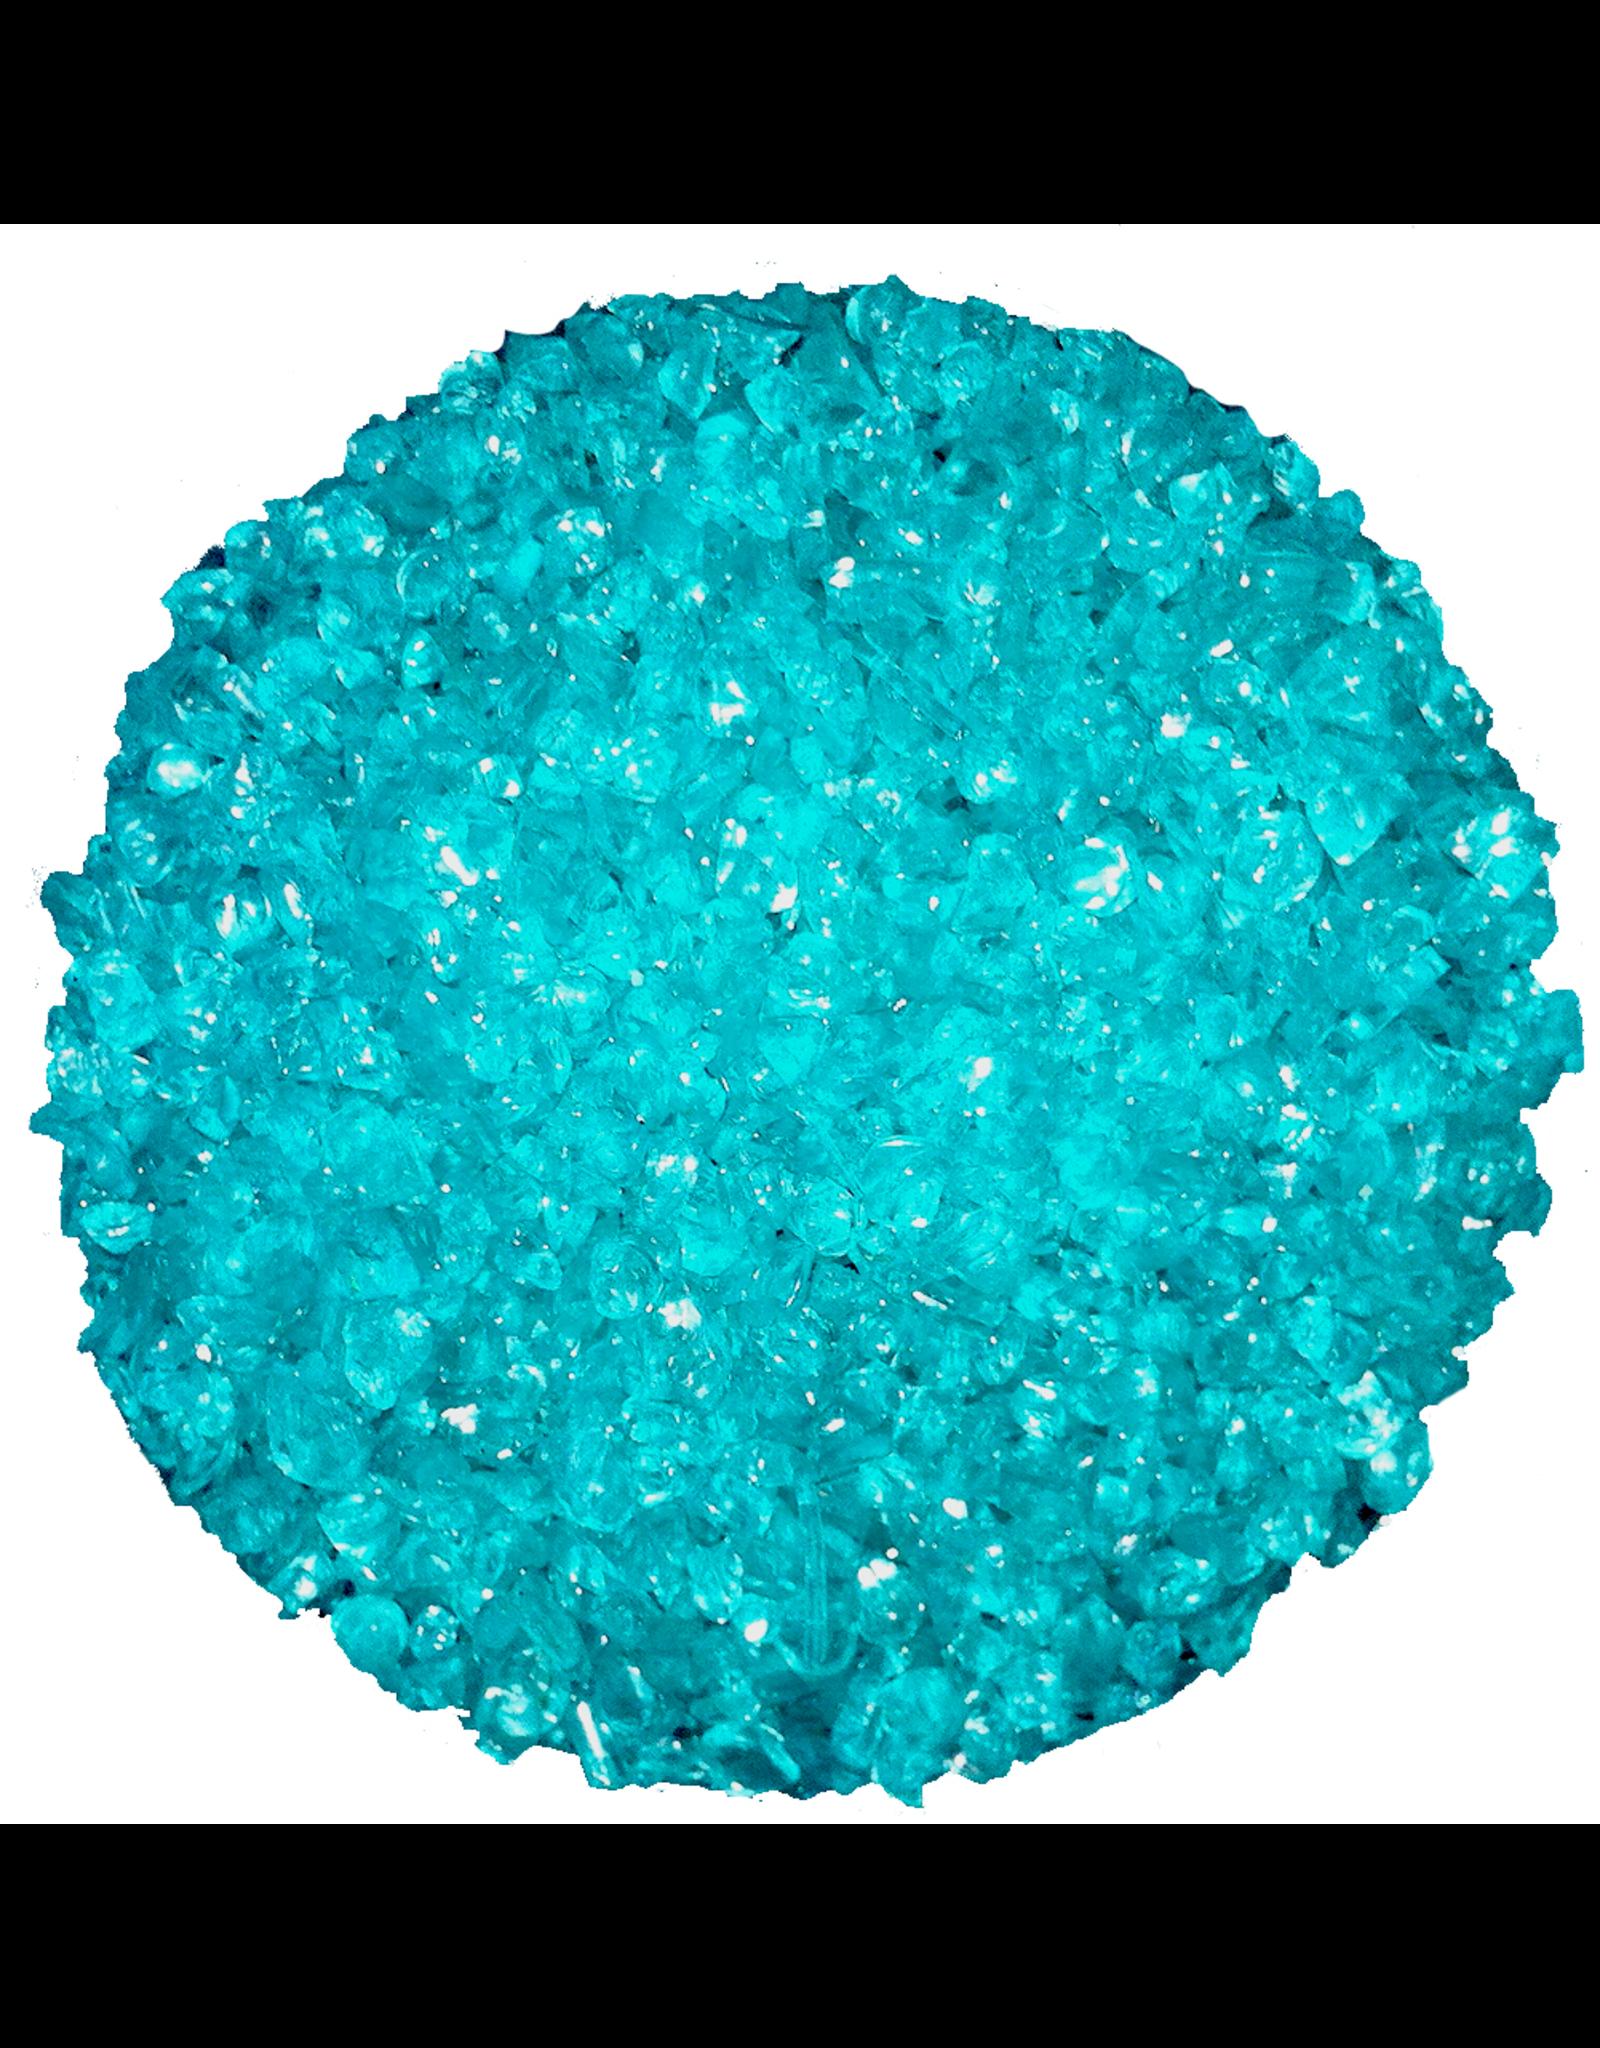 Point a La Ligne Aqua Colored Crushed Glass Marble Filler by Point a La Ligne